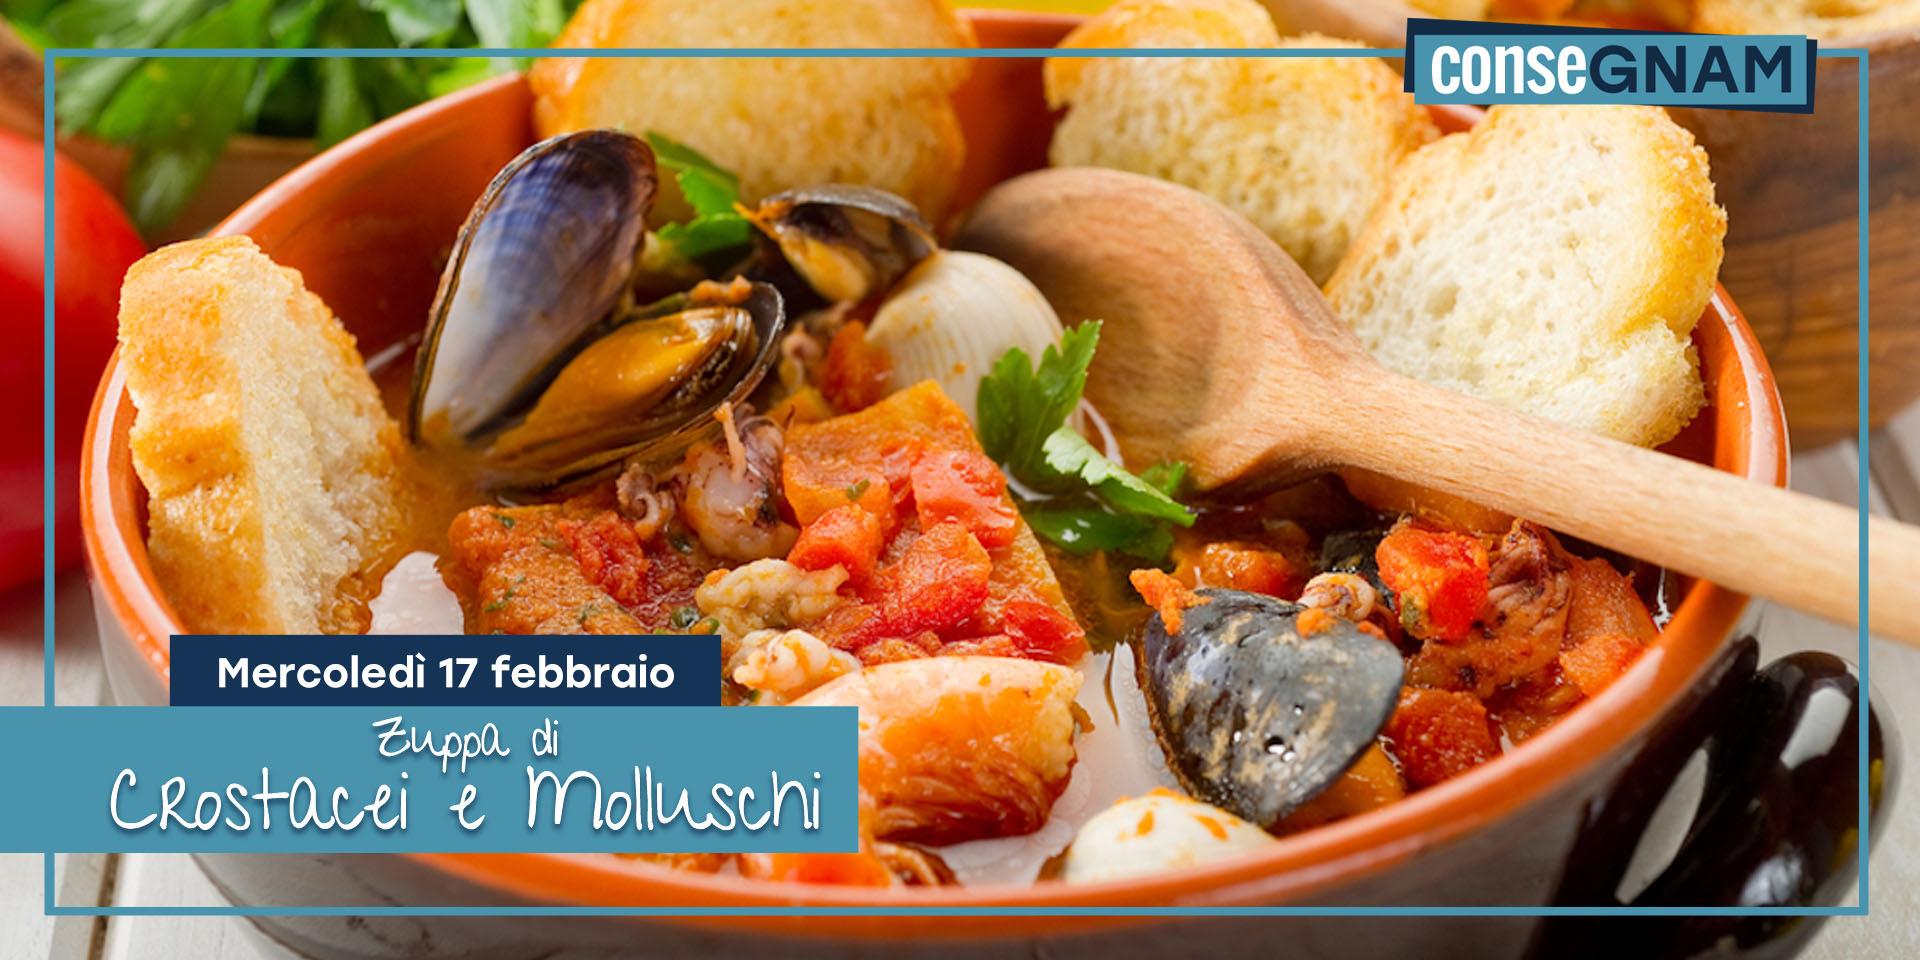 Speciale Zuppa di crostacei e molluschi  || 17 Febbraio